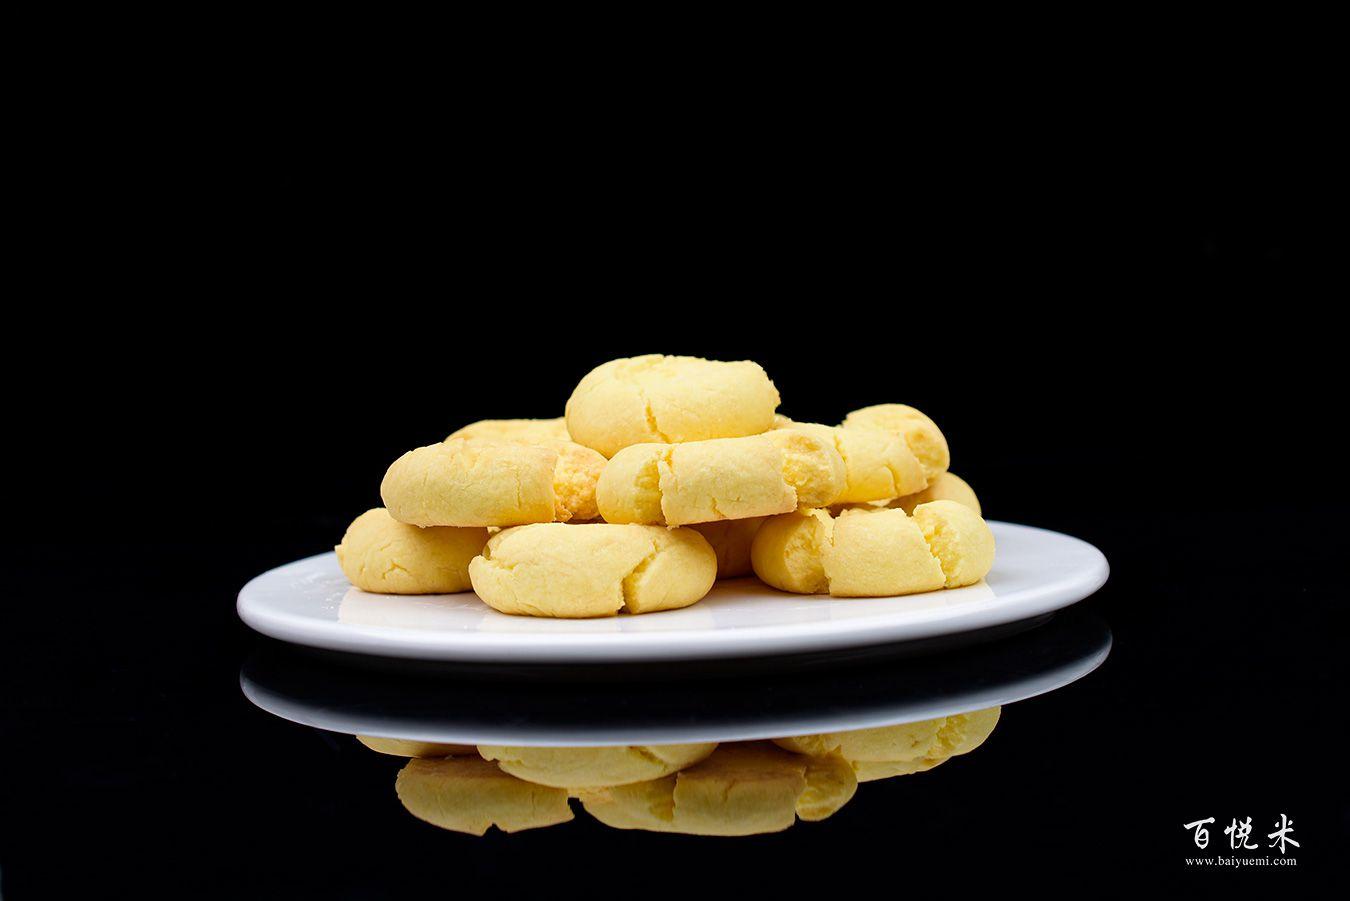 玛格丽特饼干高清图片大全【蛋糕图片】_406